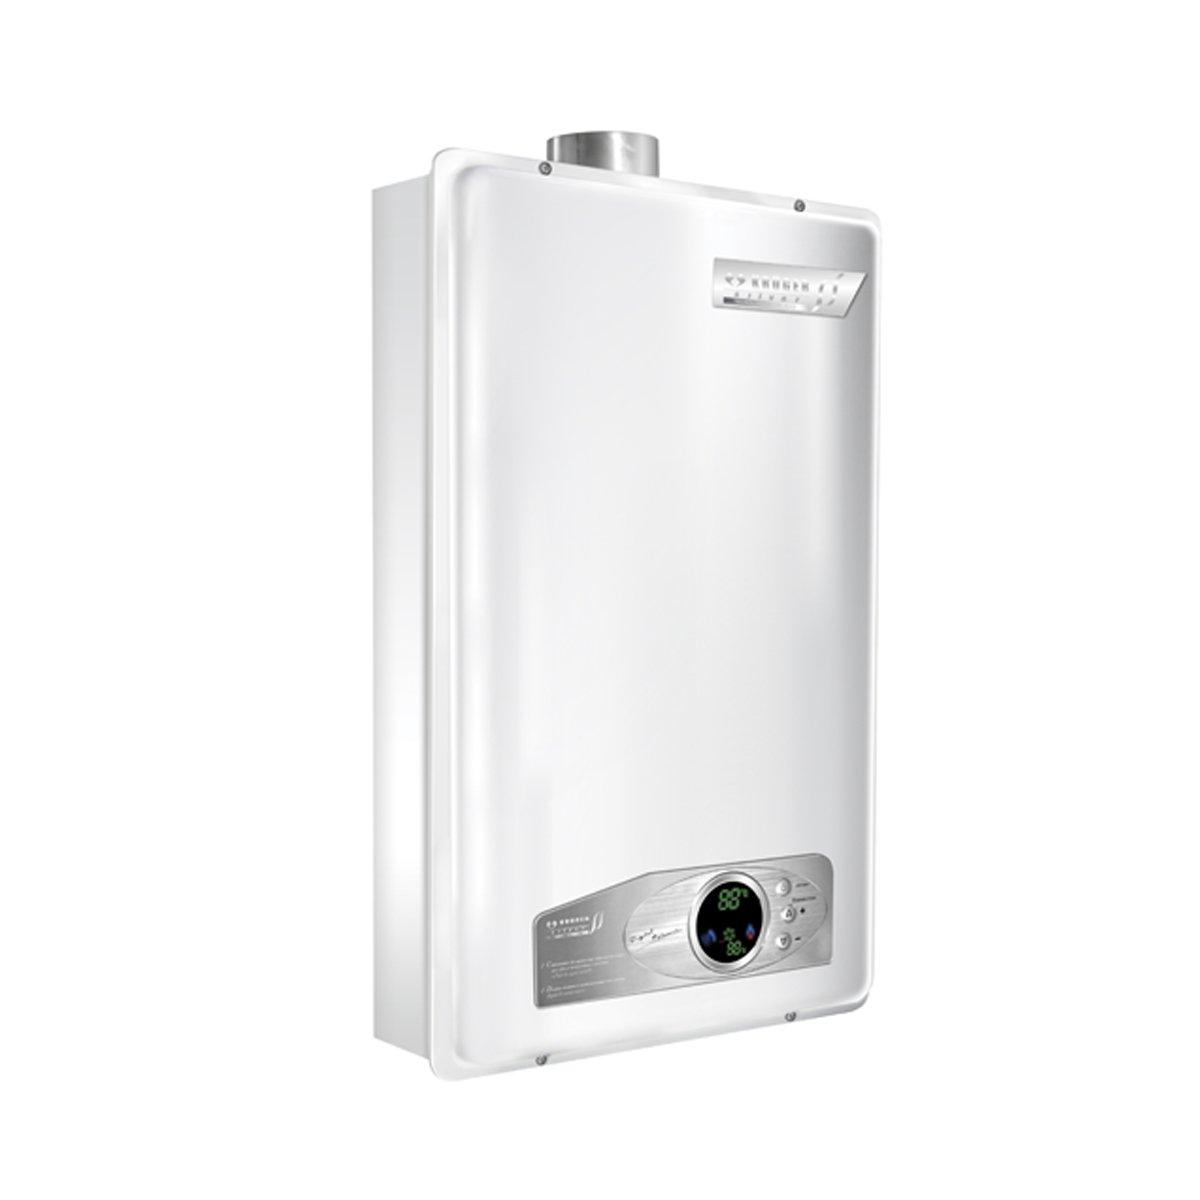 Calentador instant neo 20 lts gas natural e e sears com - Calentador gas natural precio ...